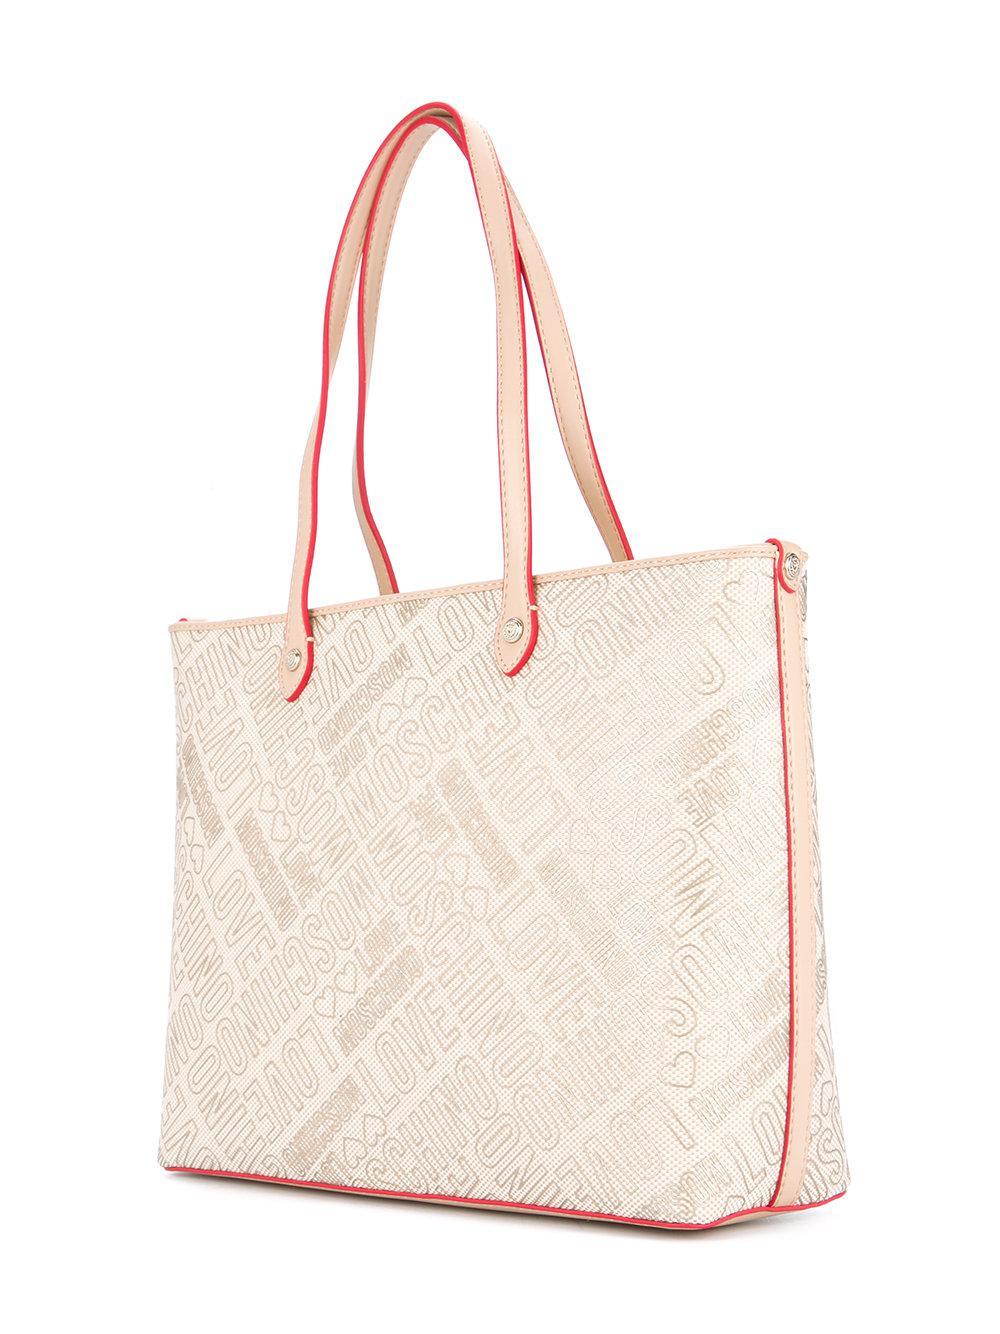 Acheter Pas Cher Boutique Pour Amour Logo Moschino Print Fourre-tout Shopper - Nu & Tons Neutres Coût De Sortie Parcourir Pas Cher MKZXFe